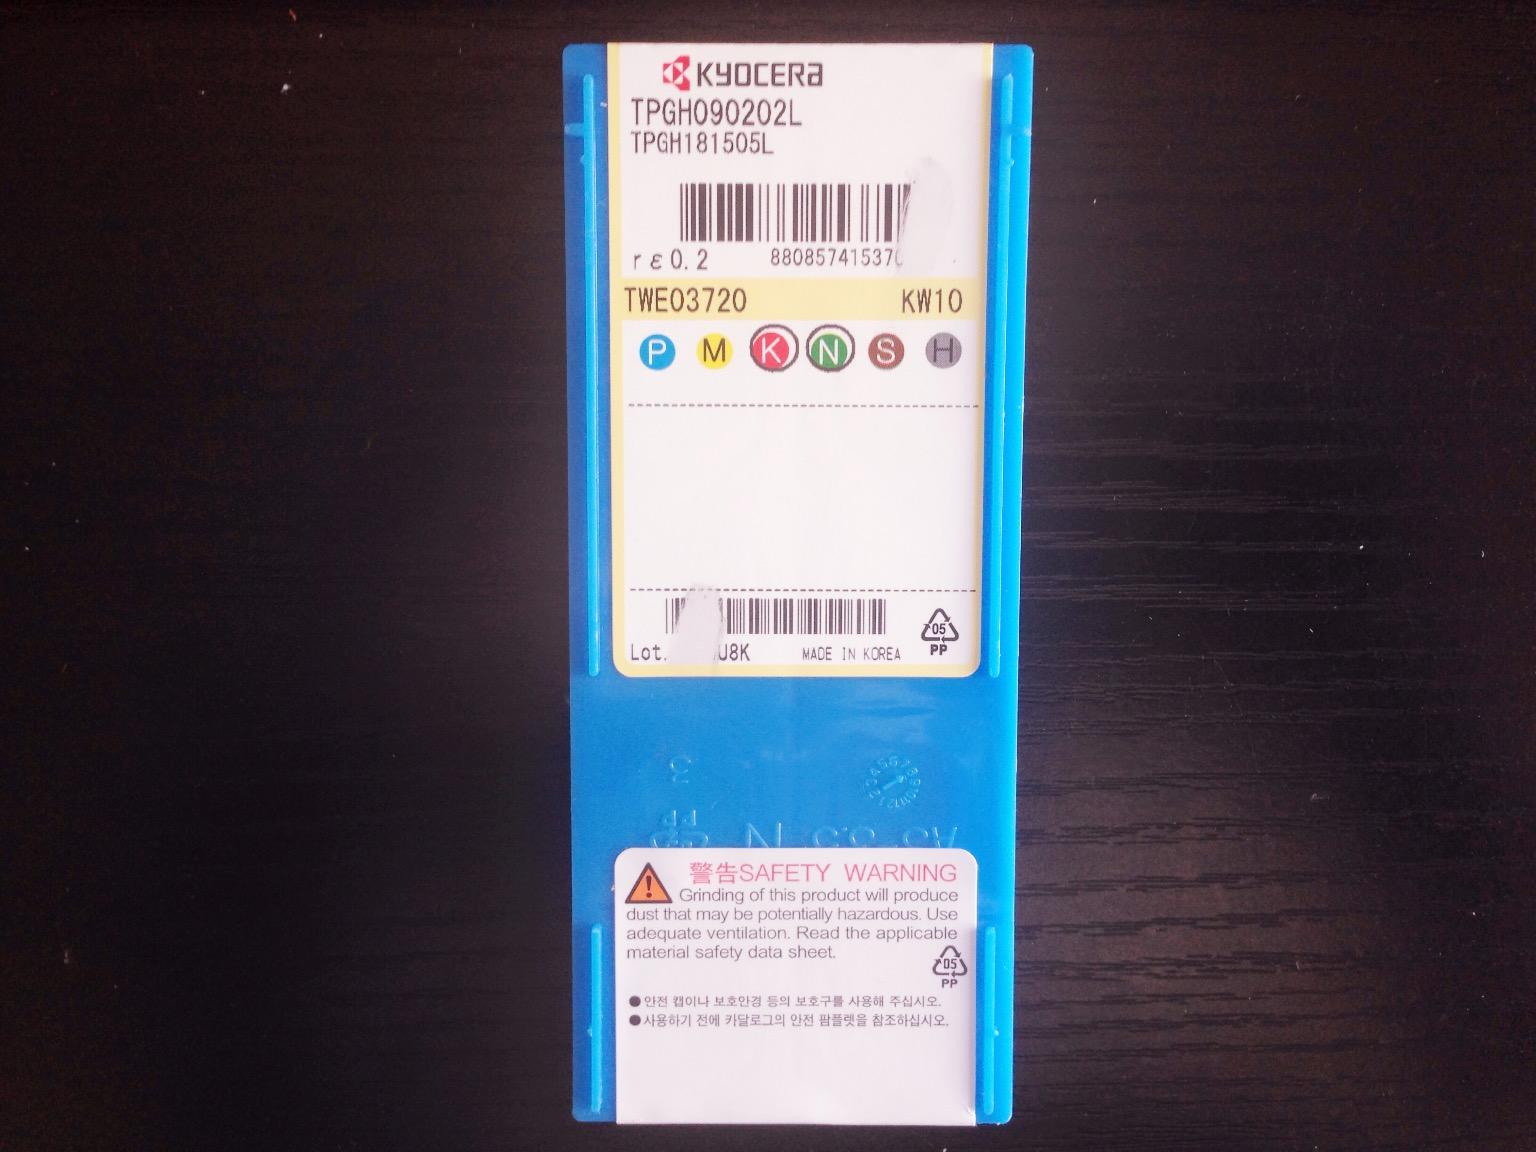 日本京瓷KYOCERA 数控刀片 TPGH090202L KW10